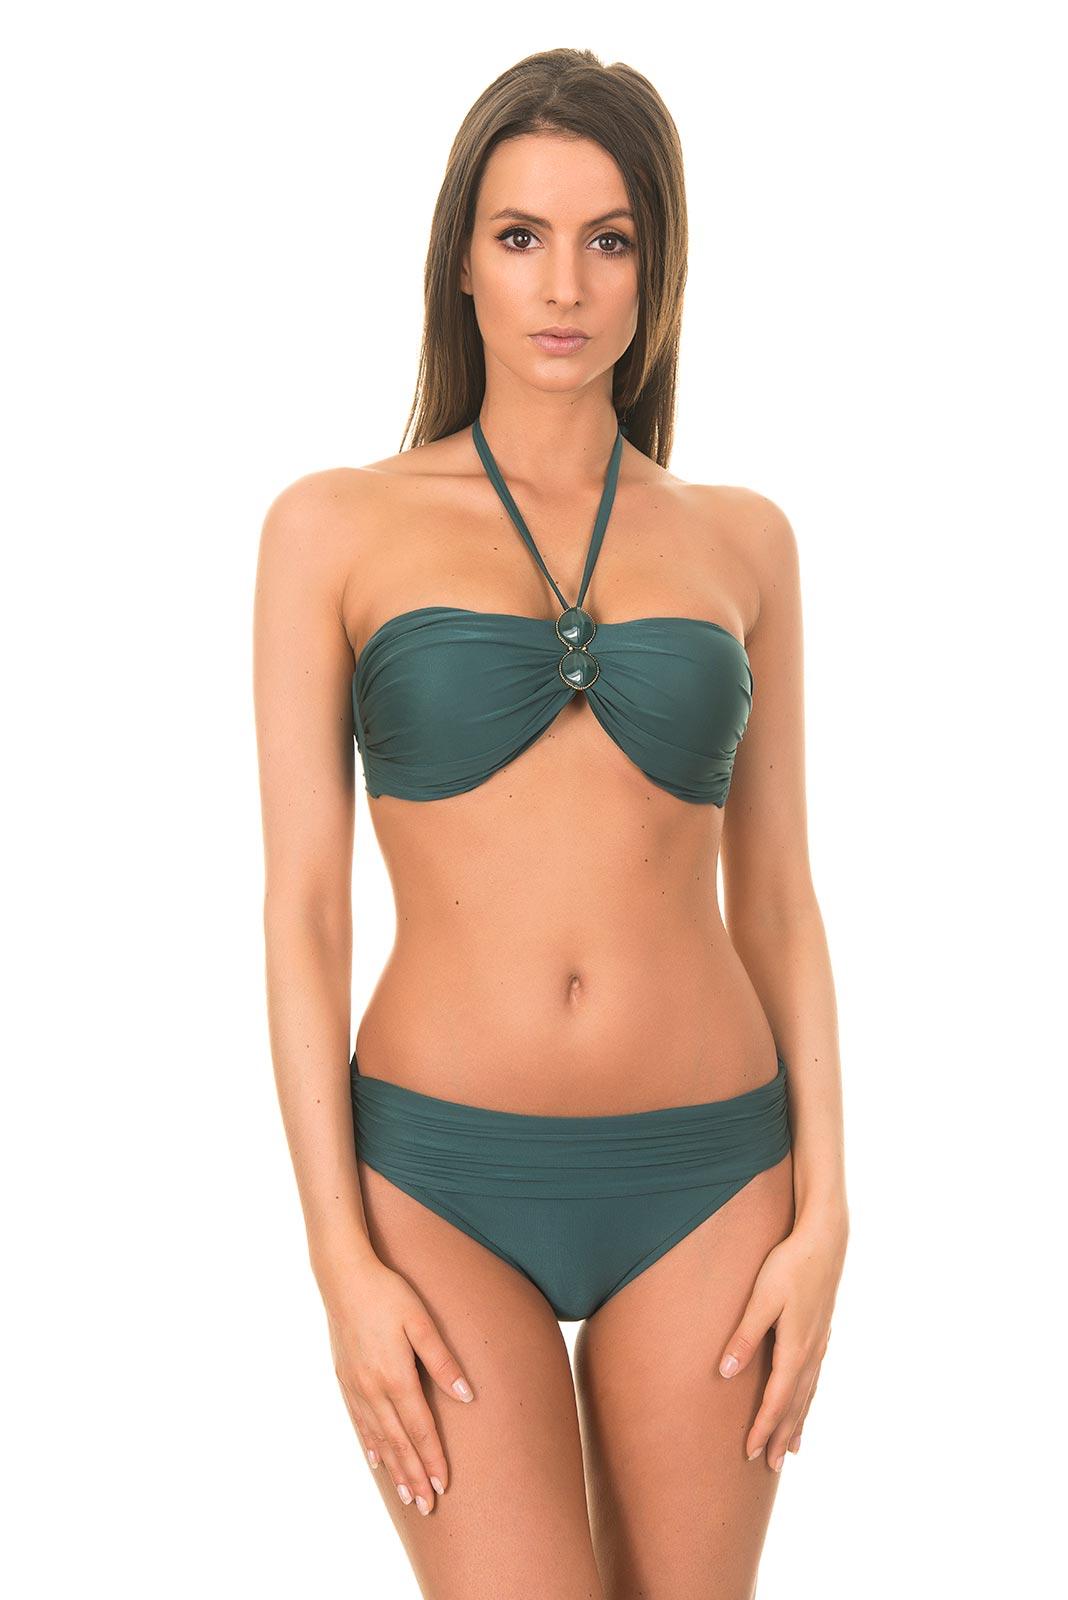 bandeau bikinis - photo #47